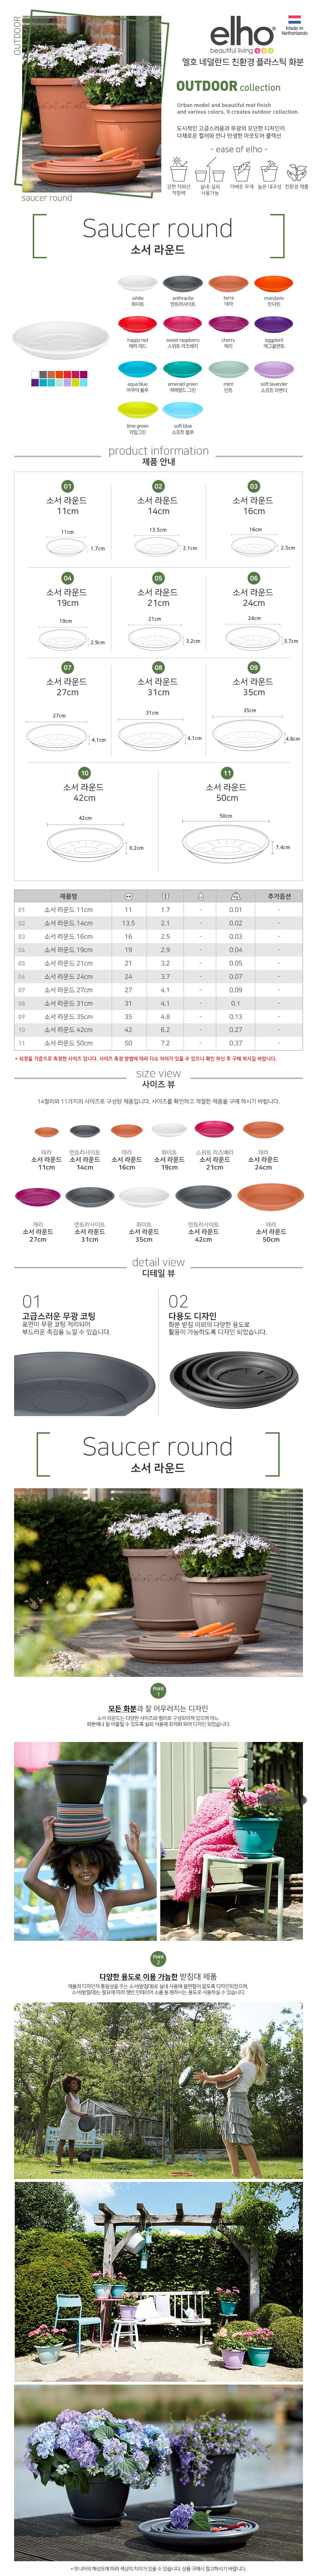 소서 라운드 플라스틱 화분받침대(50cm) - 엘호, 10,000원, 공화분, 디자인화분